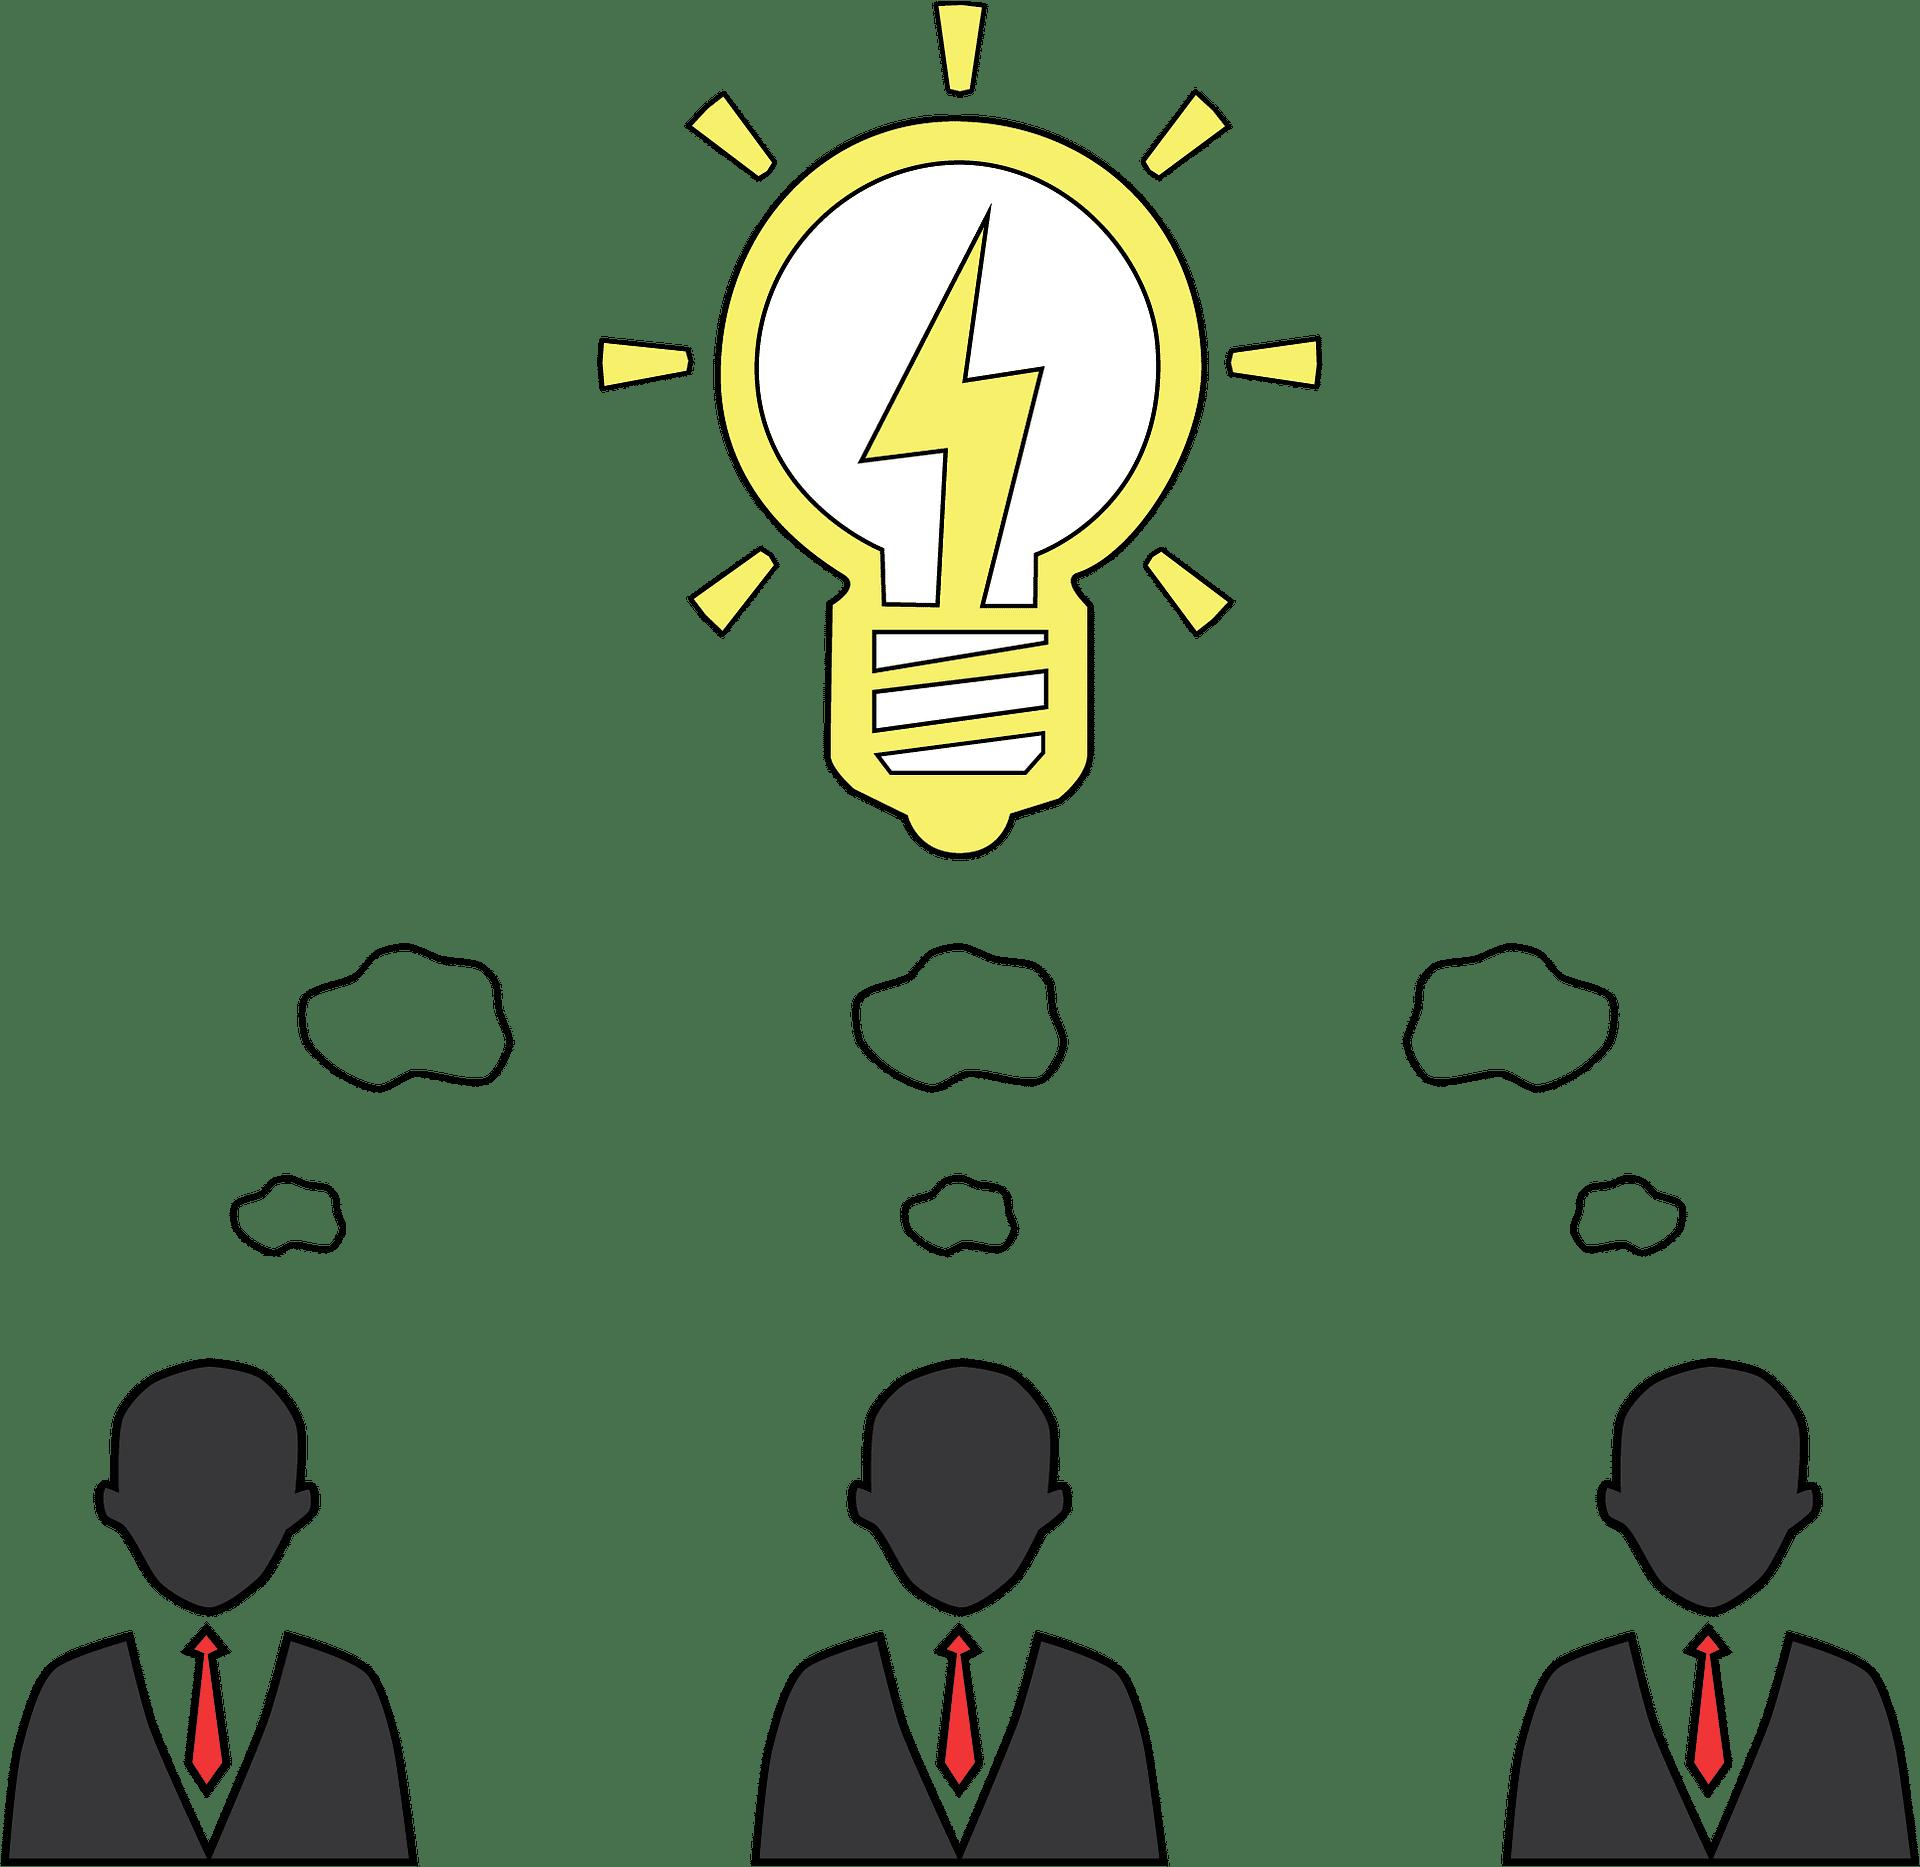 títulos criativos para blogs